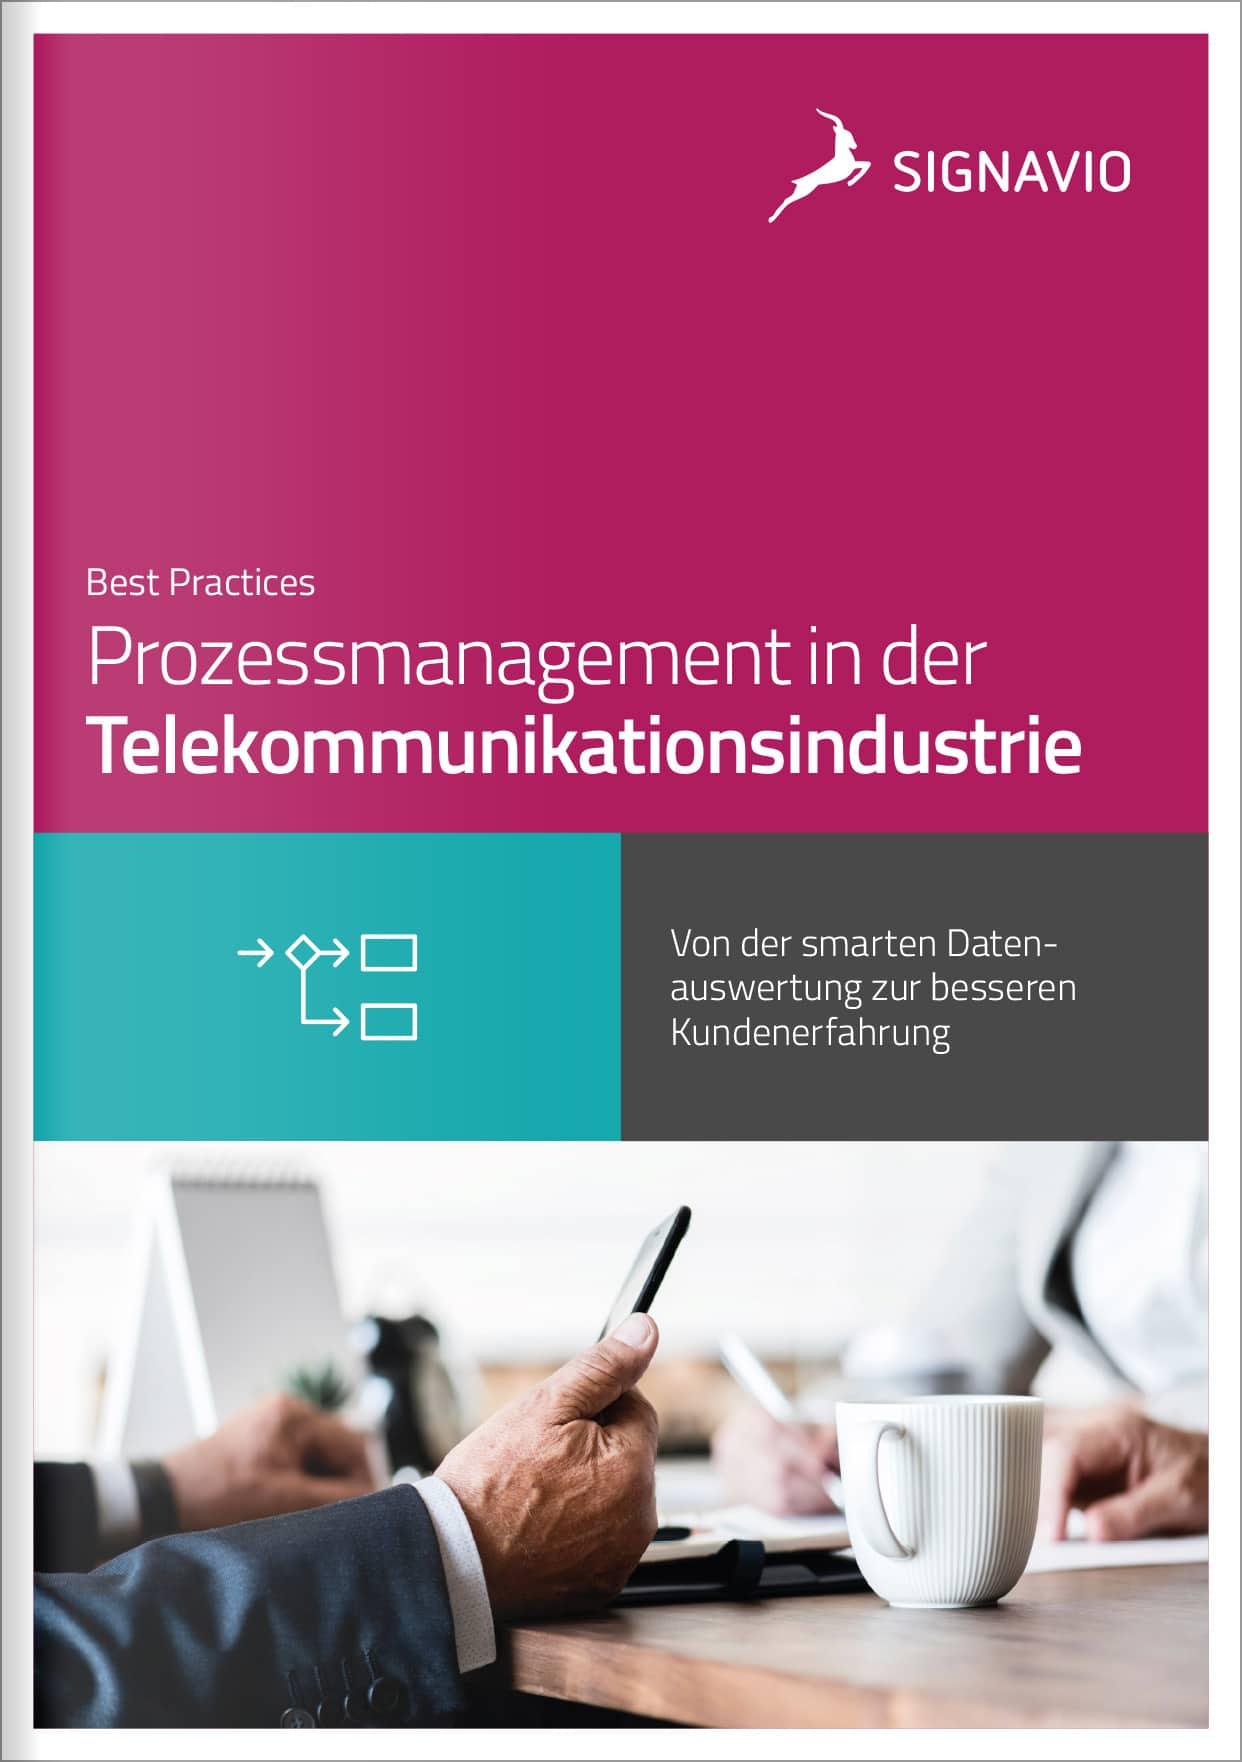 Prozessmanagement in der Telekommunikationsindustrie